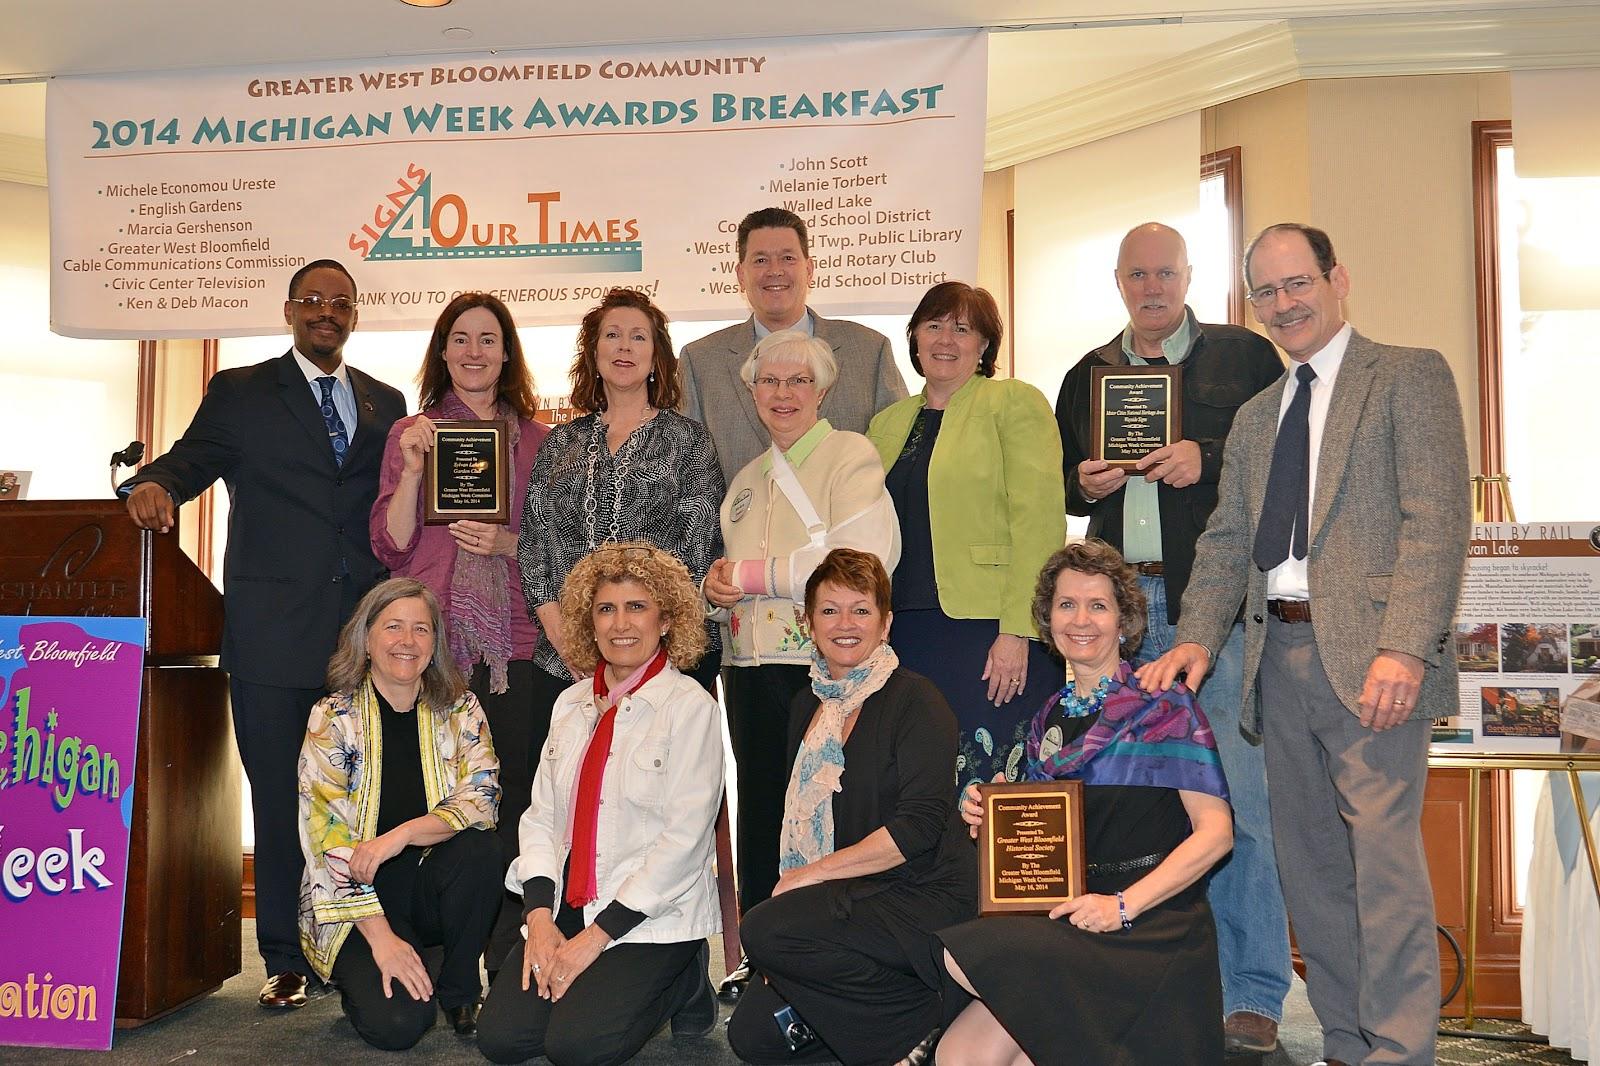 Greater West Bloomfield Michigan Week Community Awards Breakfast